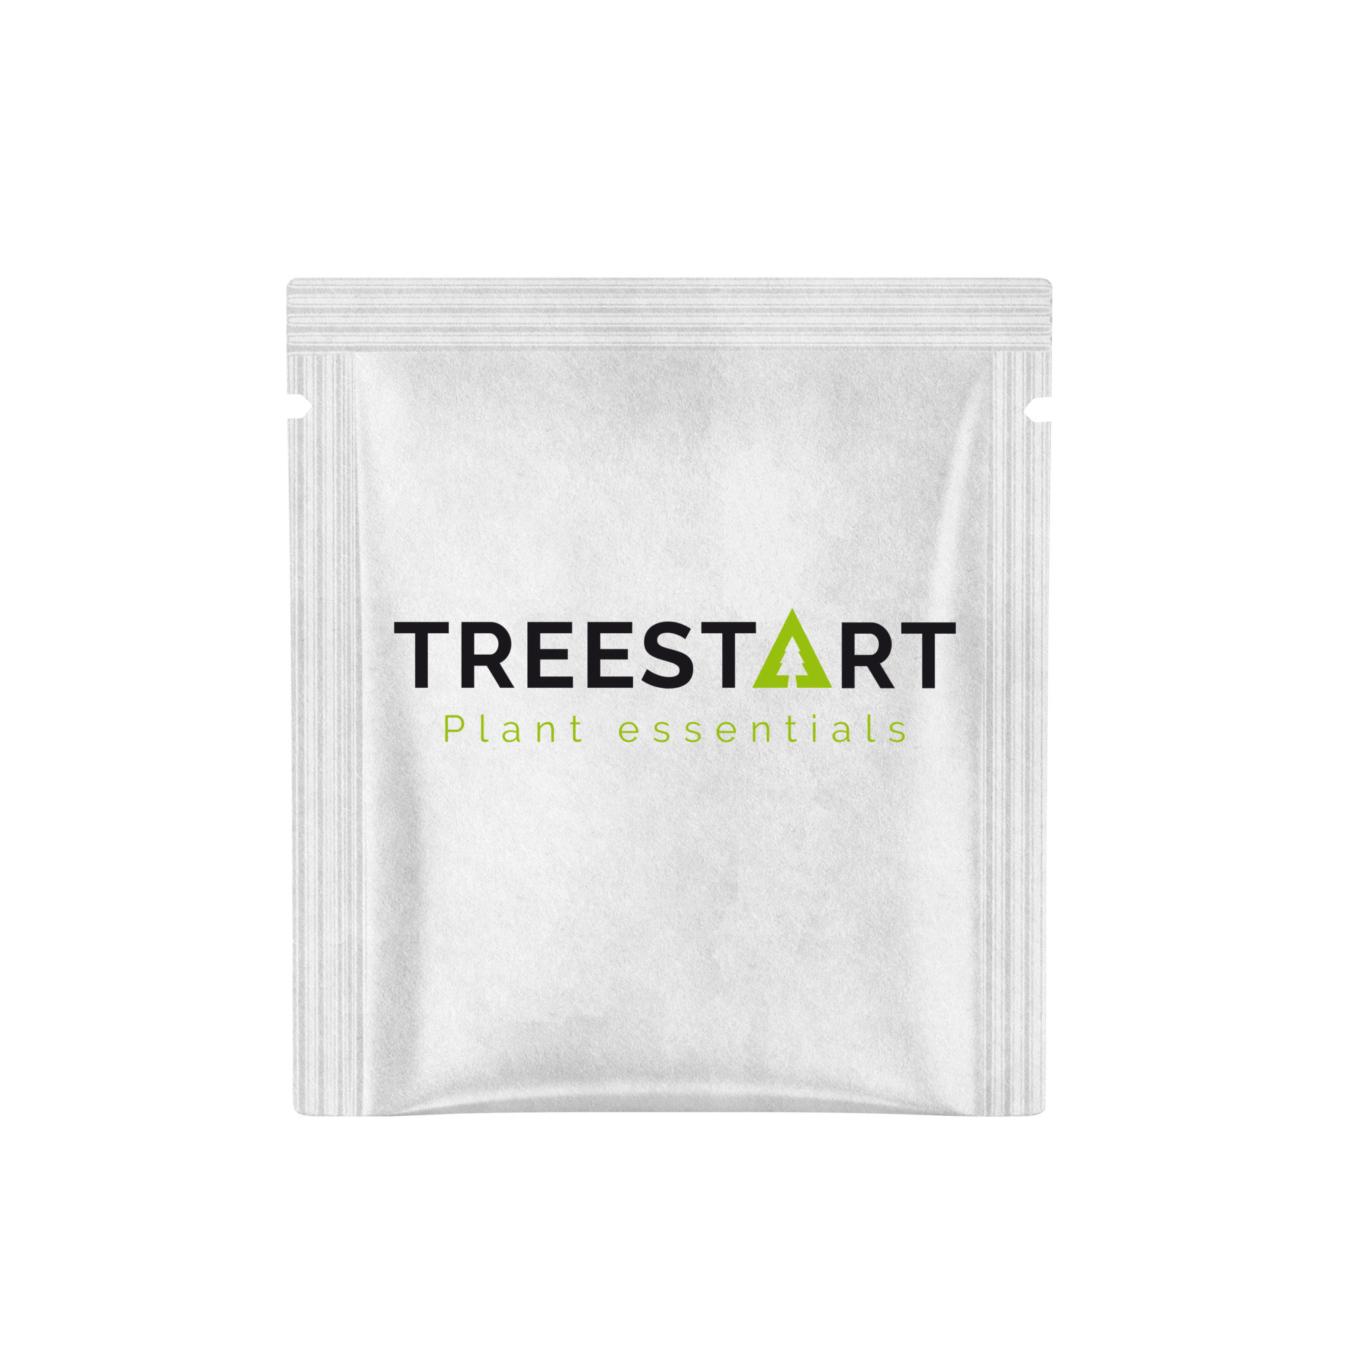 Koop TreeStart Sachets – 1 kg